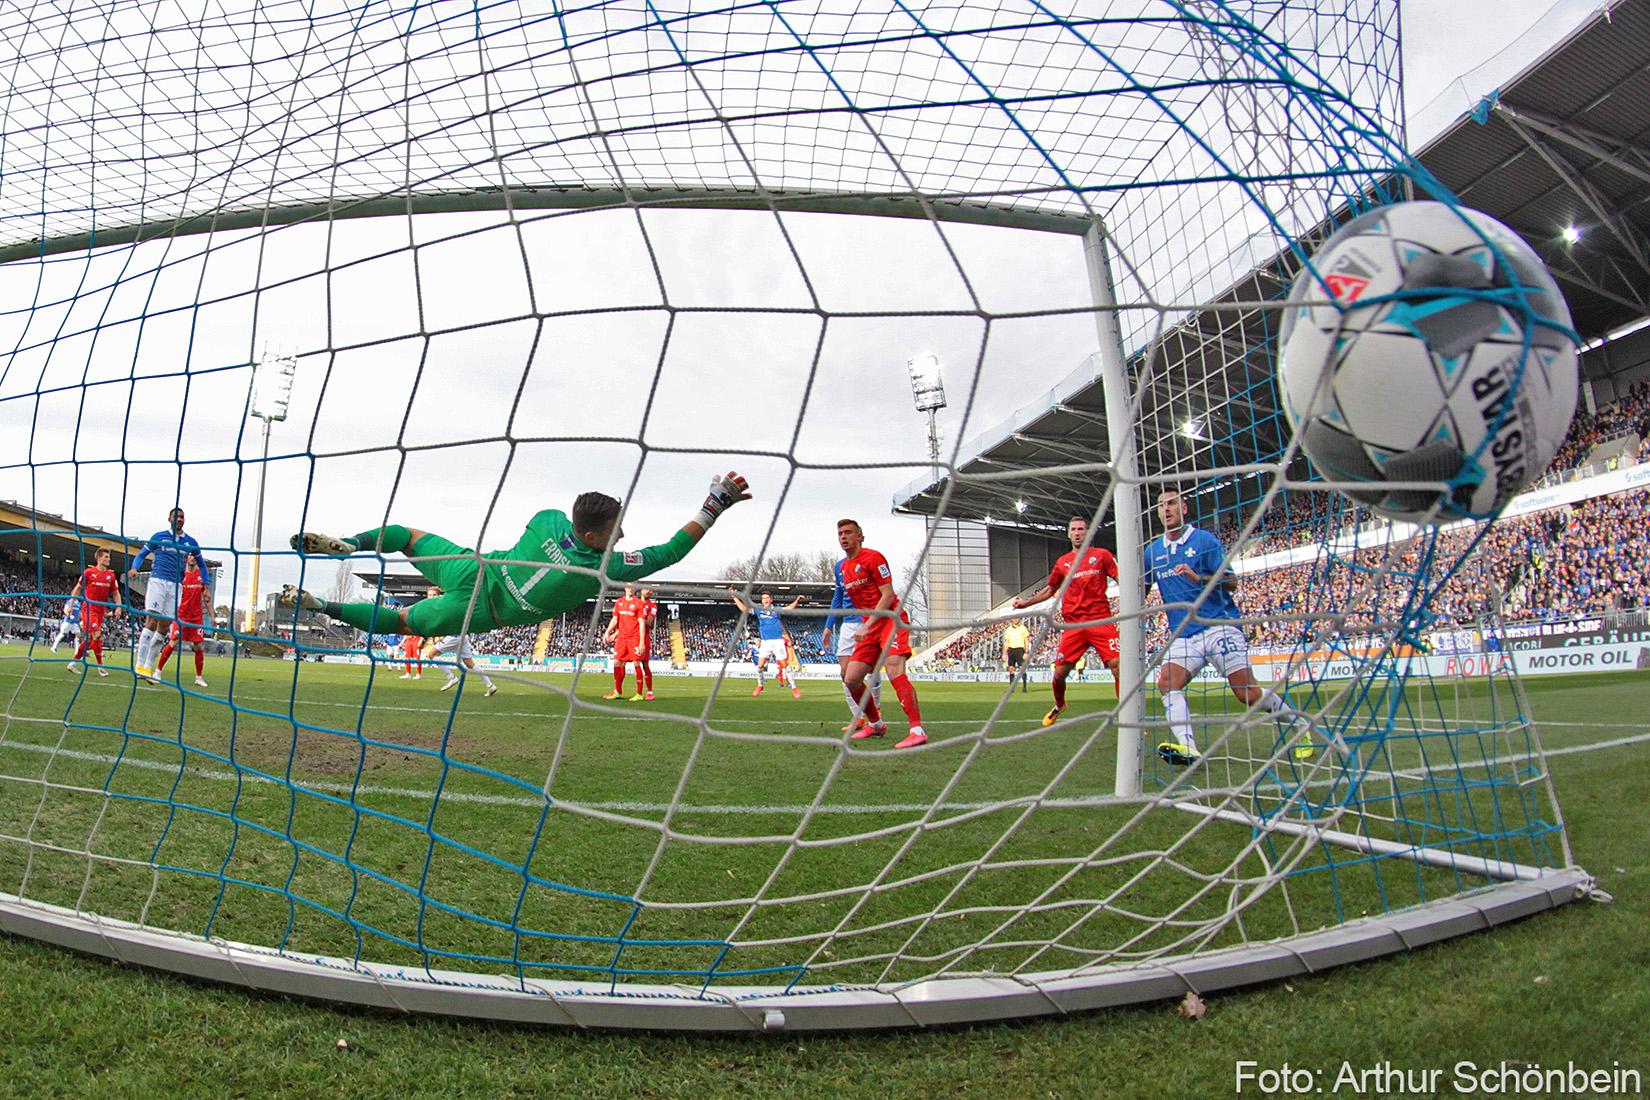 Impressionen vom Spiel gegen den SV Sandhausen